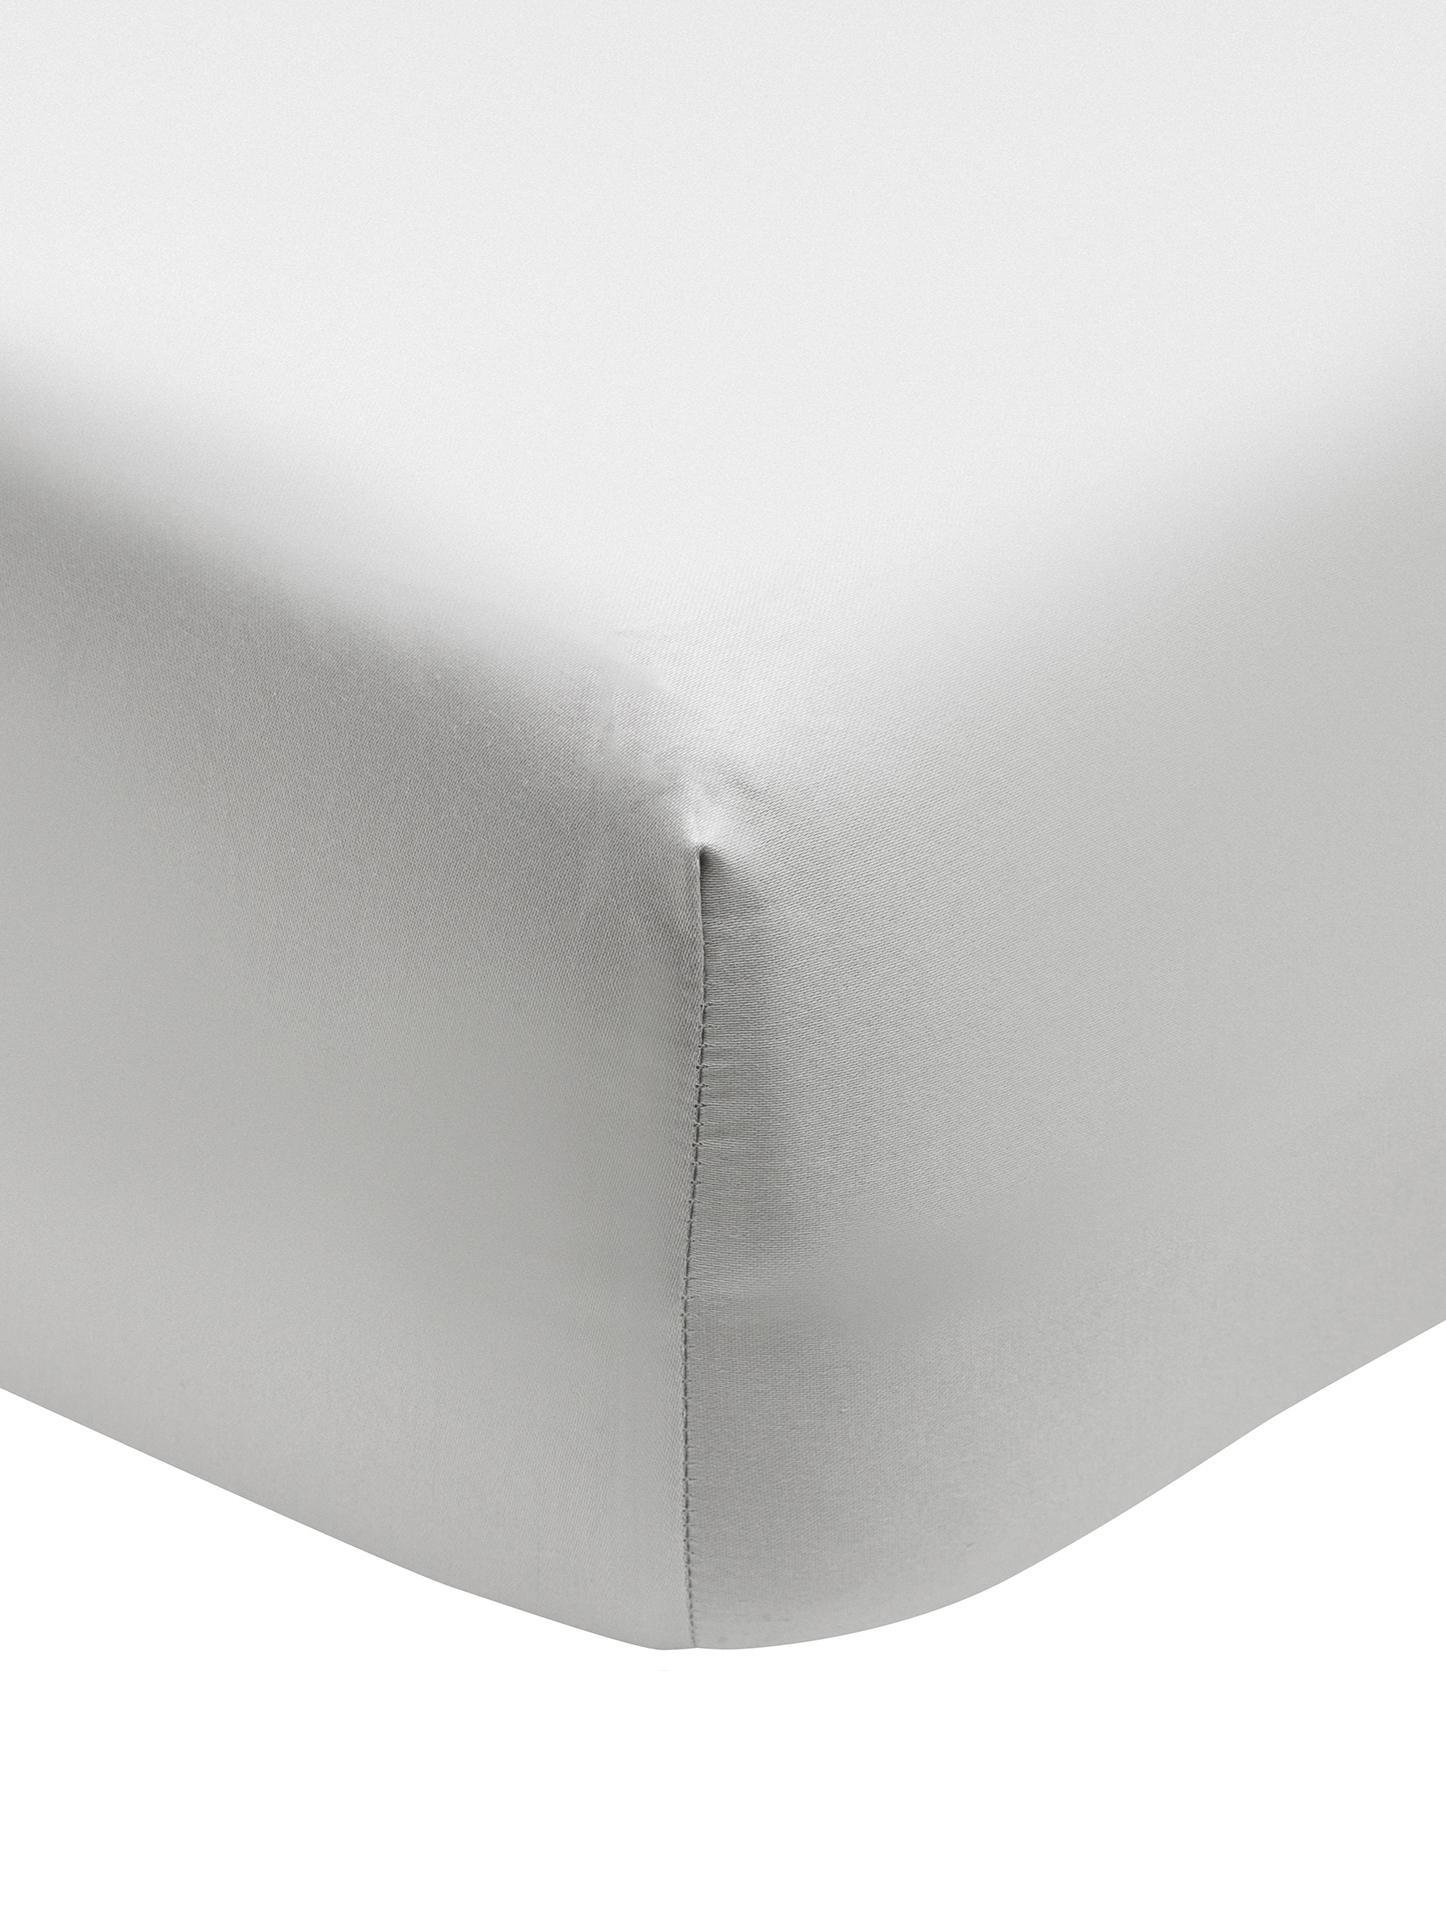 Spannbettlaken Premium in Hellgrau, Baumwollsatin, Webart: Satin, leicht glänzend, Hellgrau, 160 x 200 cm